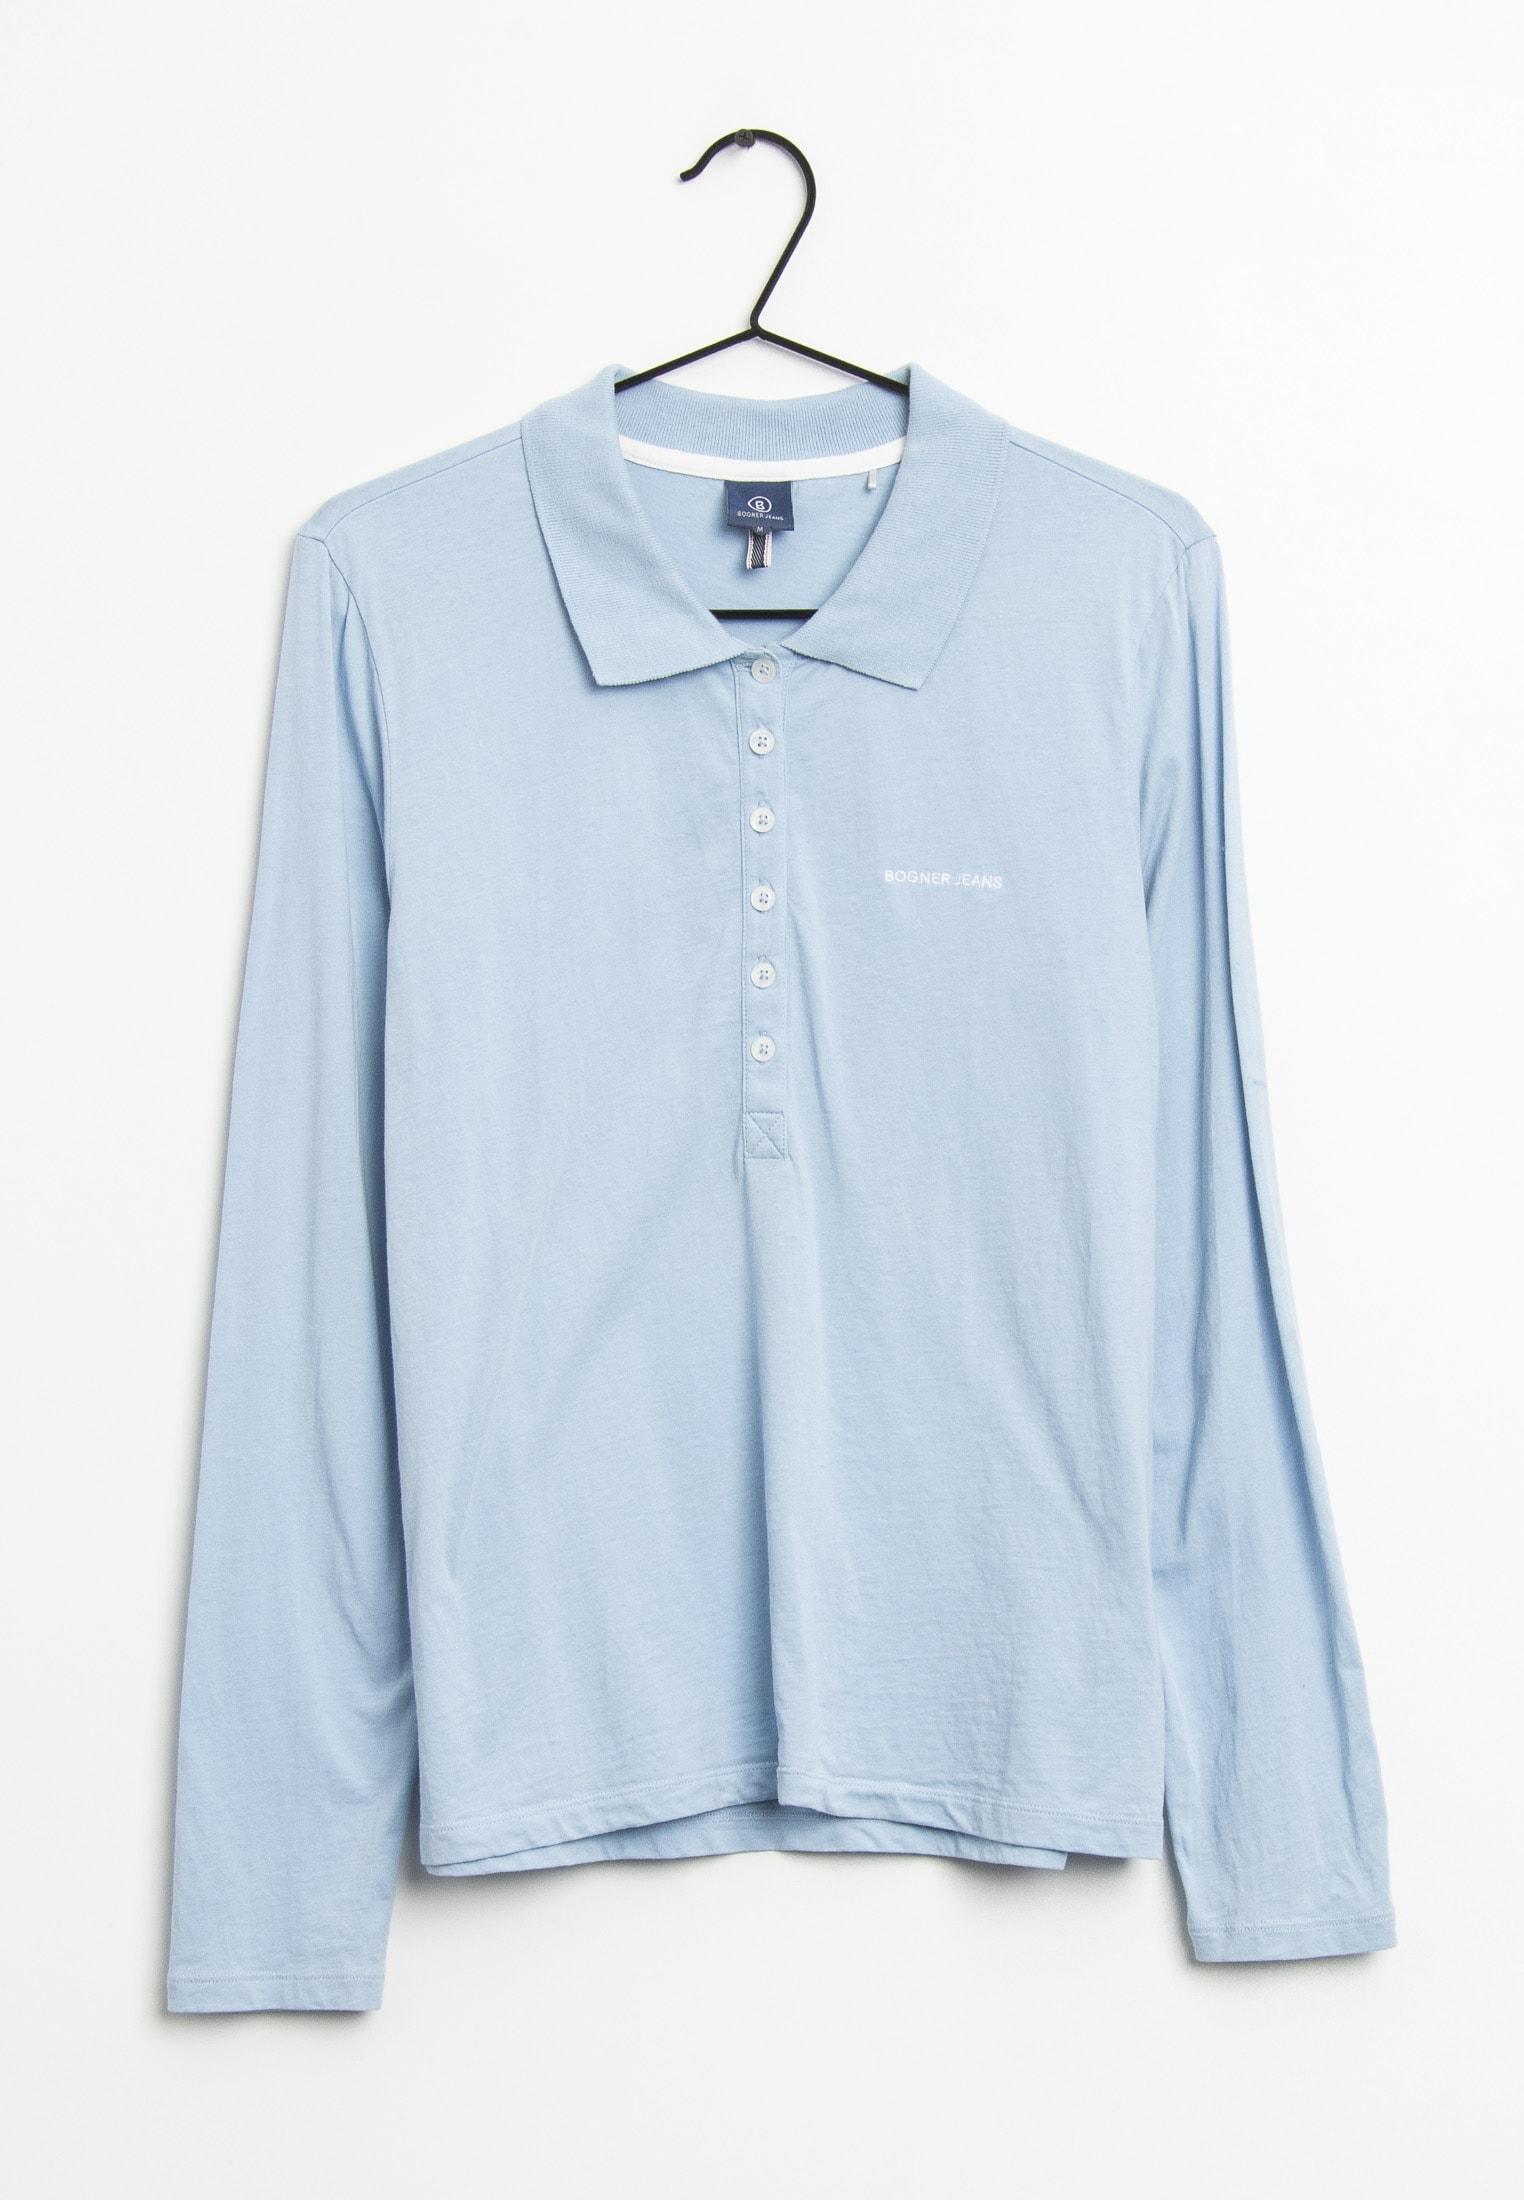 Bogner Jeans Langarmshirt Blau Gr.M